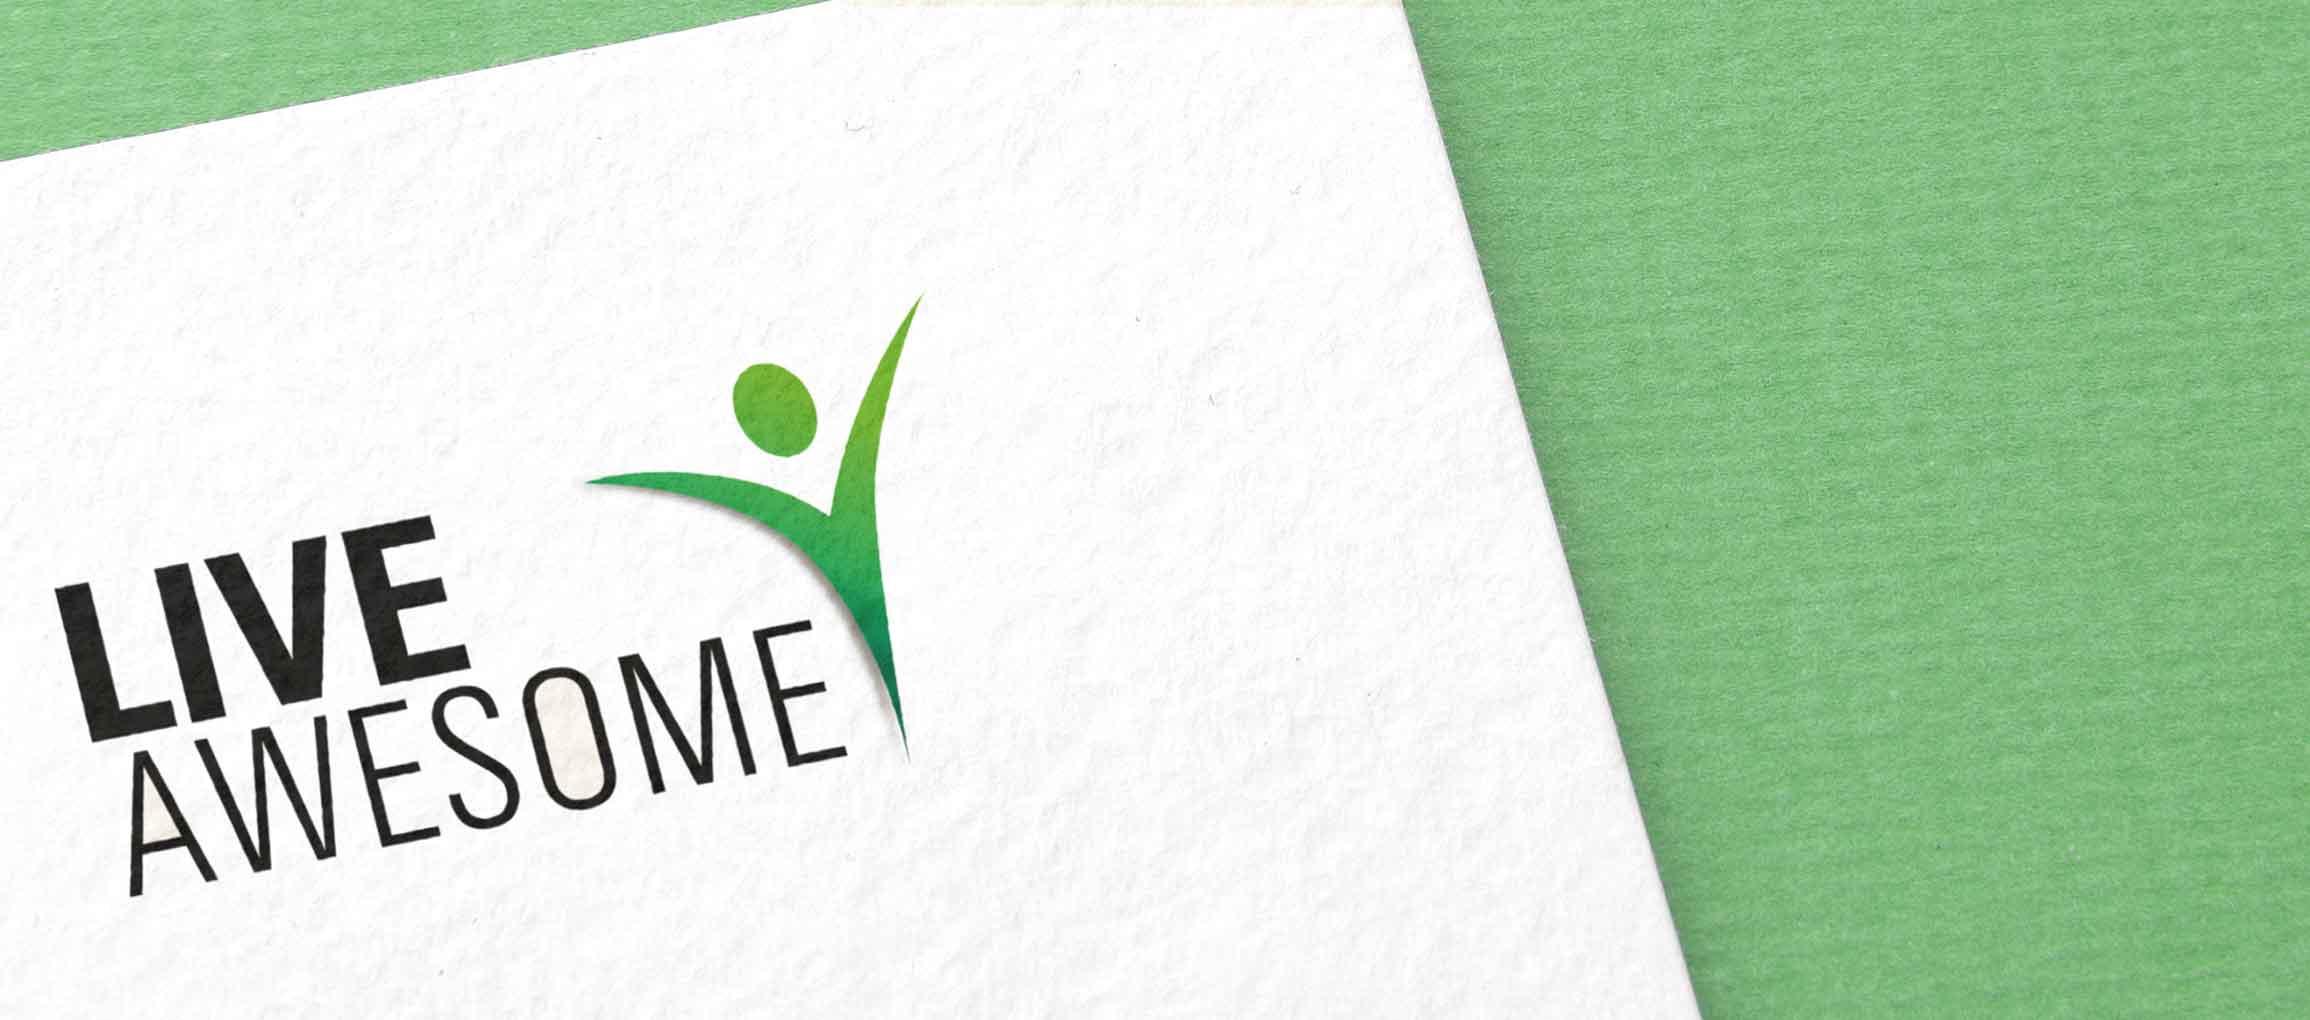 Logo-Gestaltung und Webdesign für LIVE AWESOME